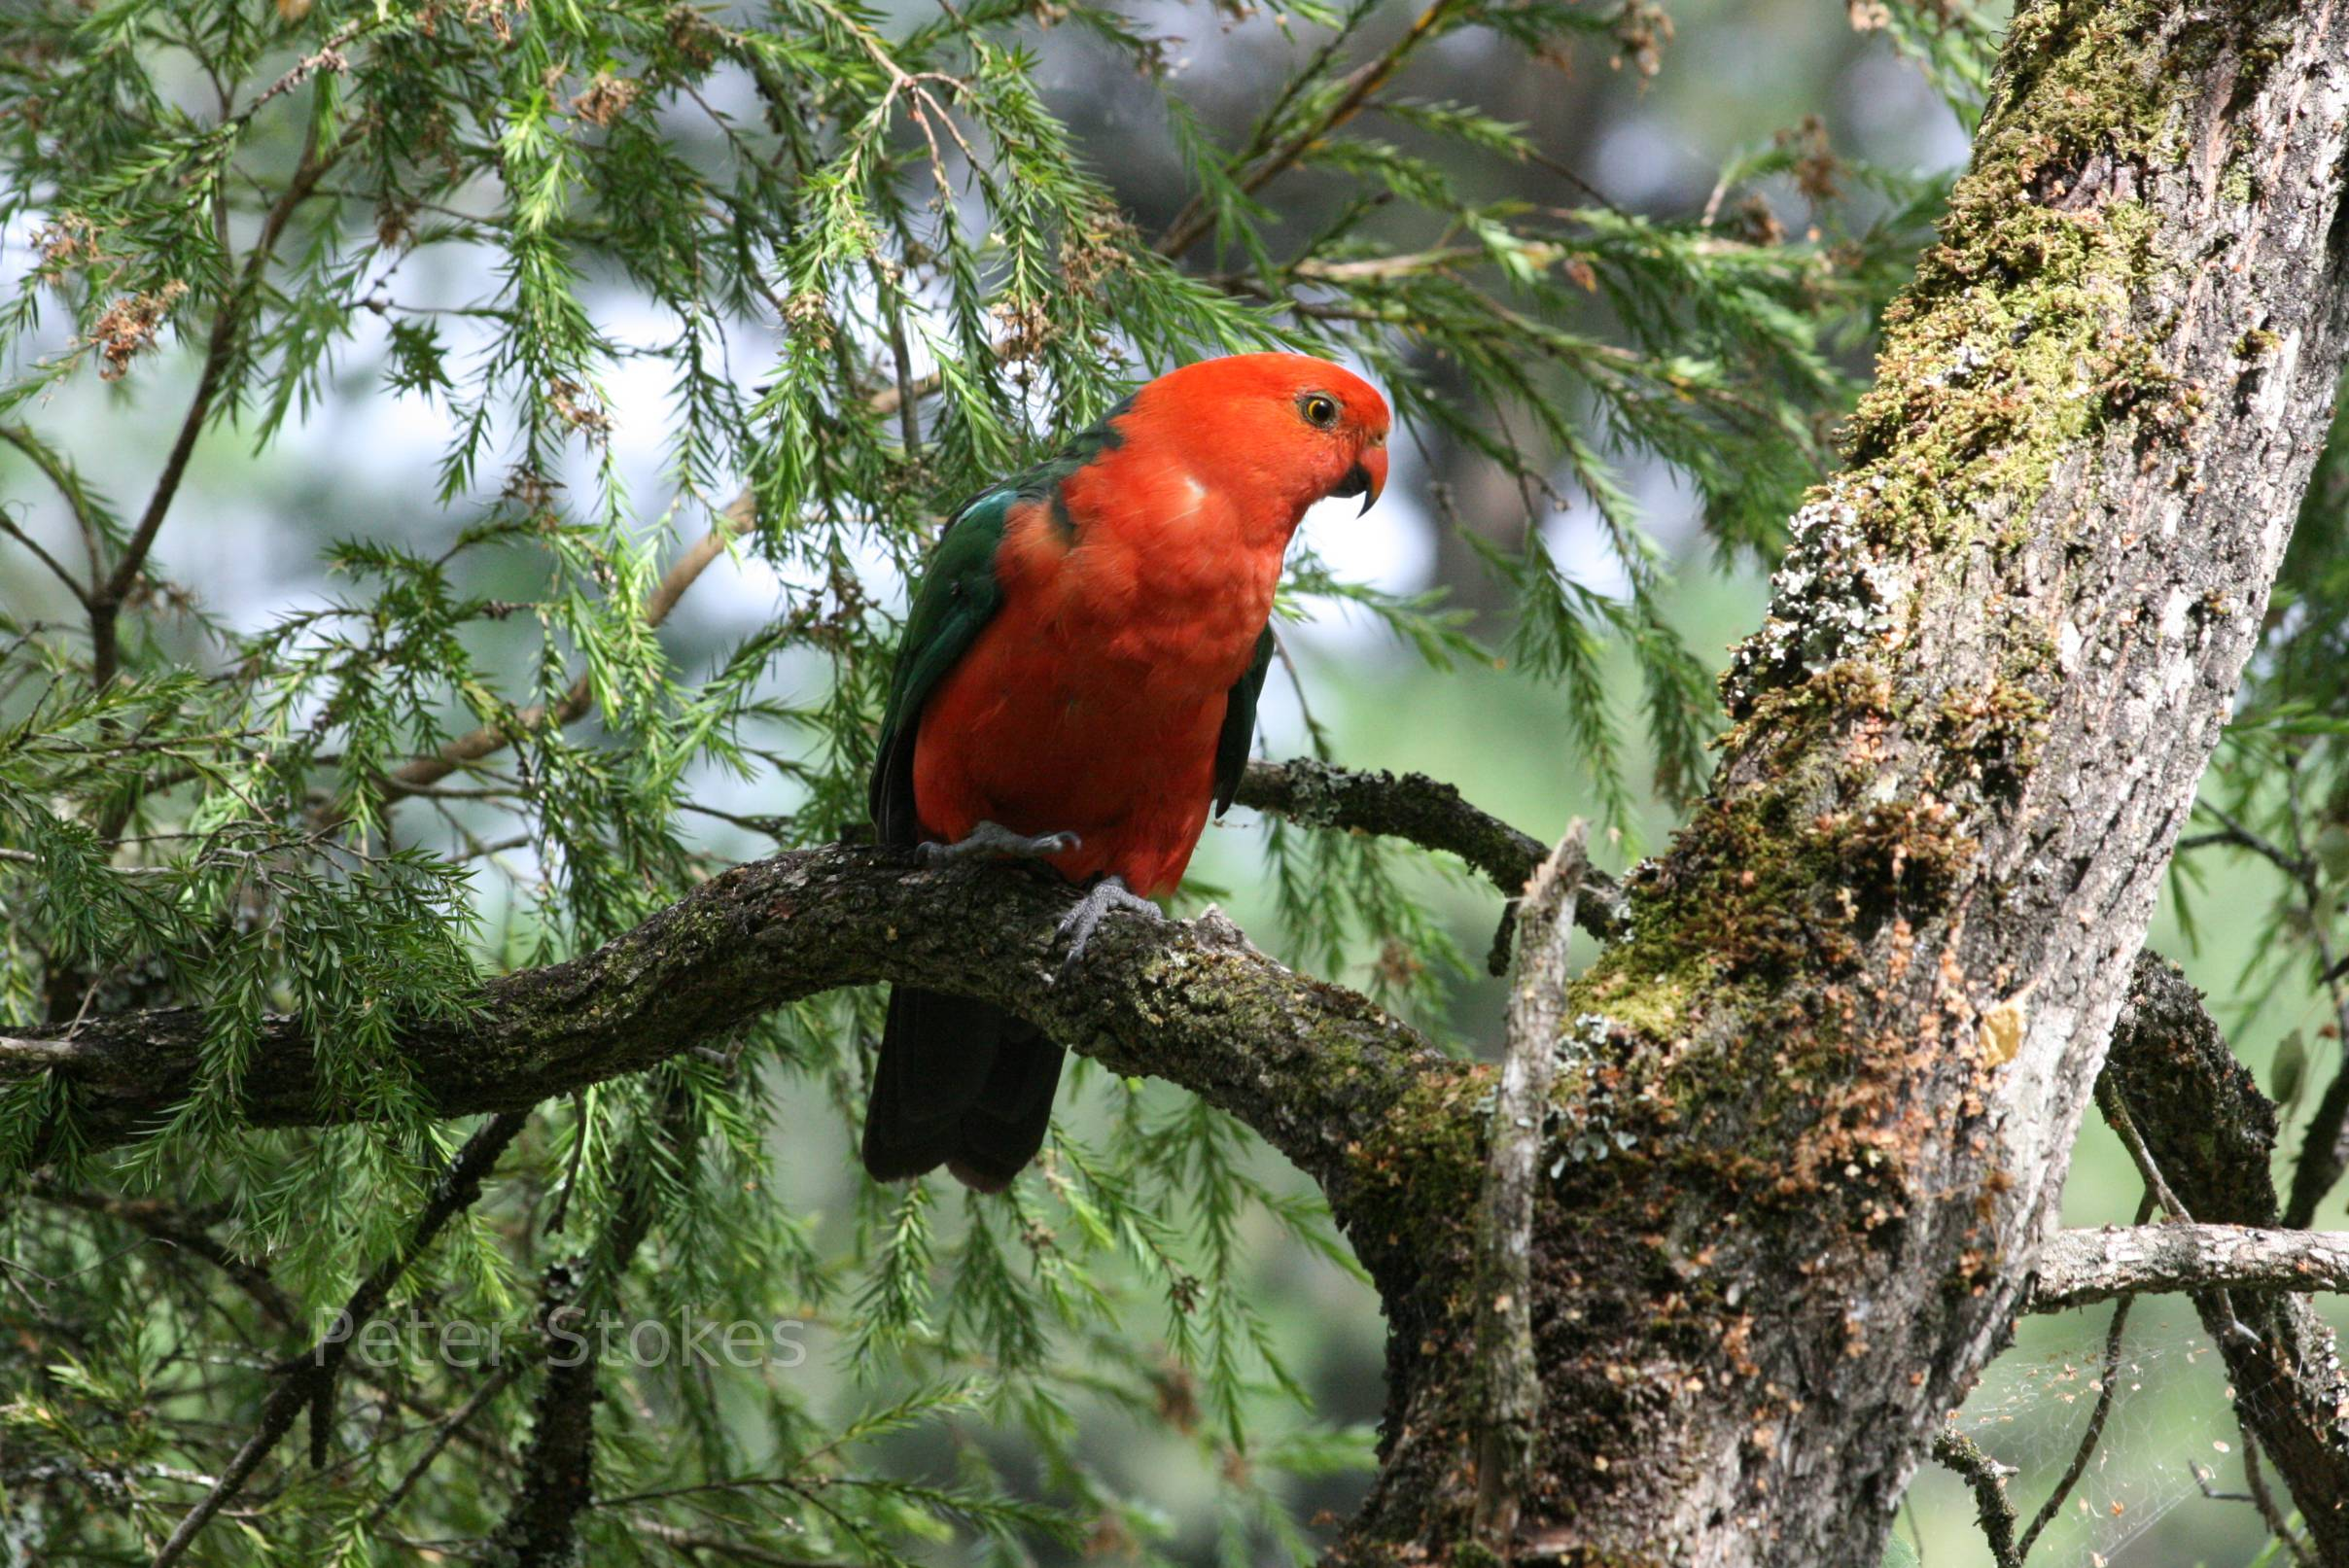 Королевский пропугай на дереве